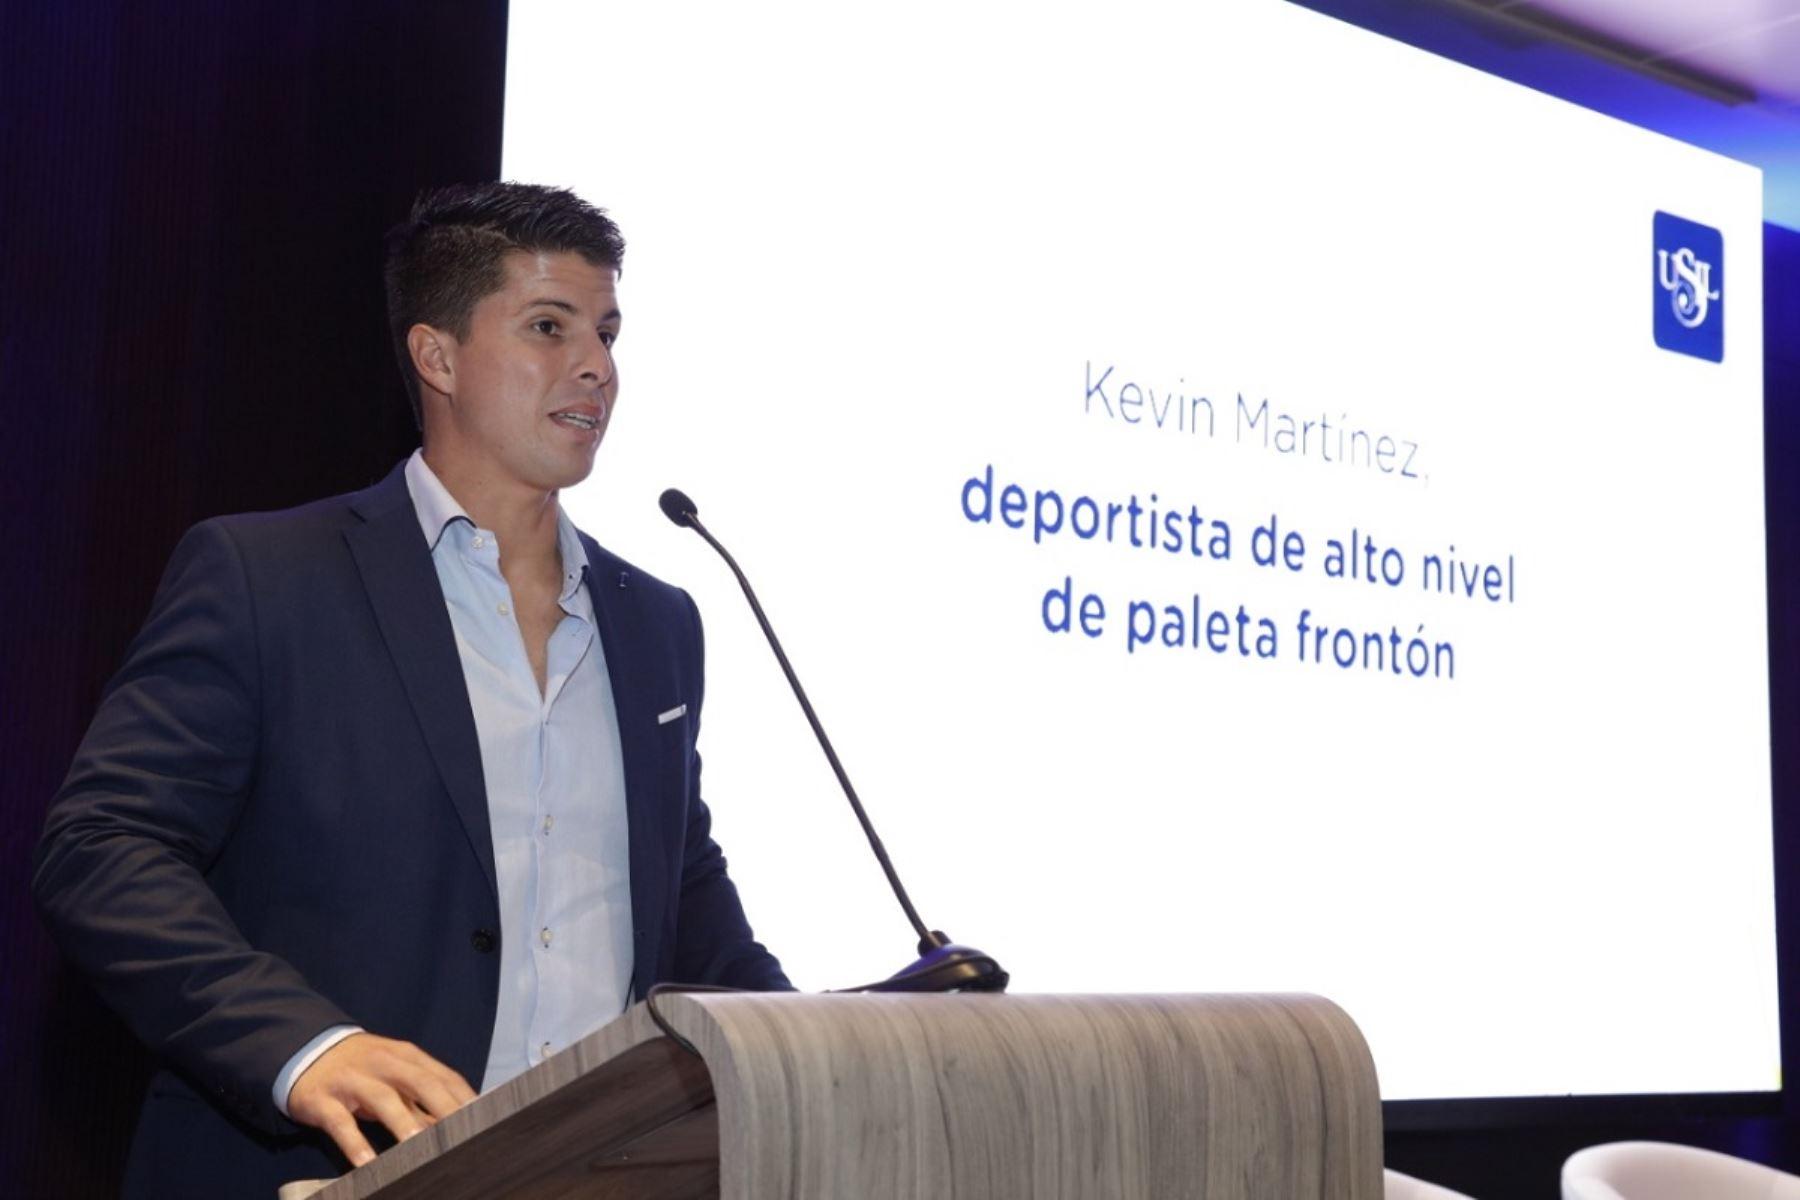 Kevin Martínez estudiará la carrera de ciencias del deporte.